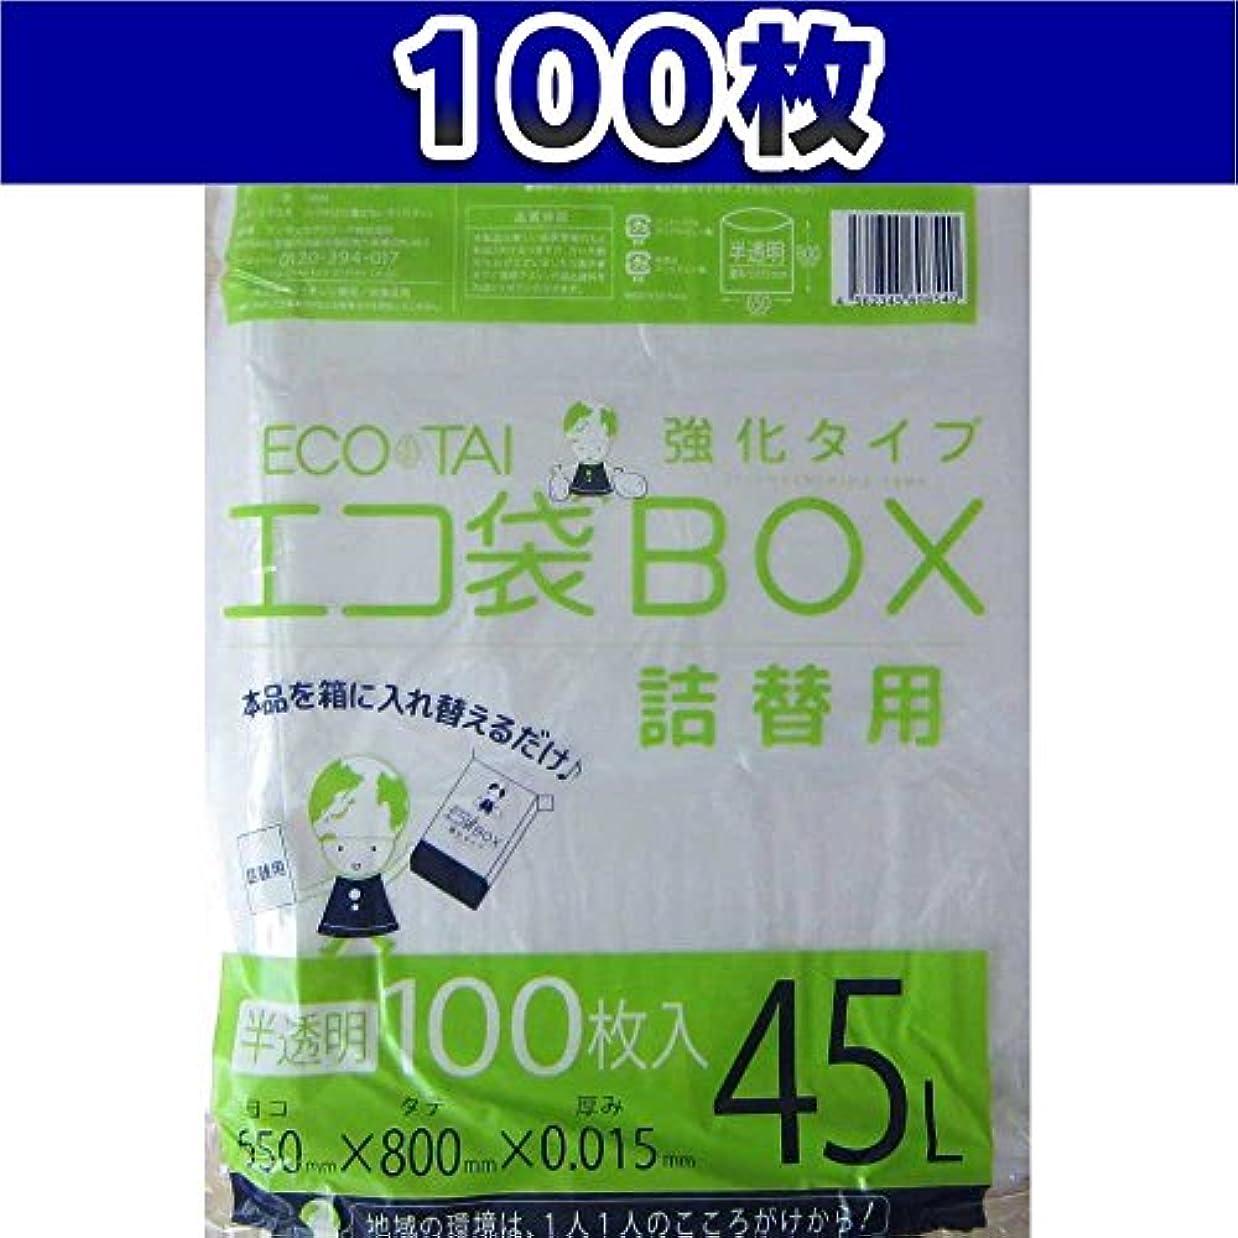 硬さ年金受給者申し立てられた45L 半透明ごみ袋【100枚入り】 【Bedwin Mart】